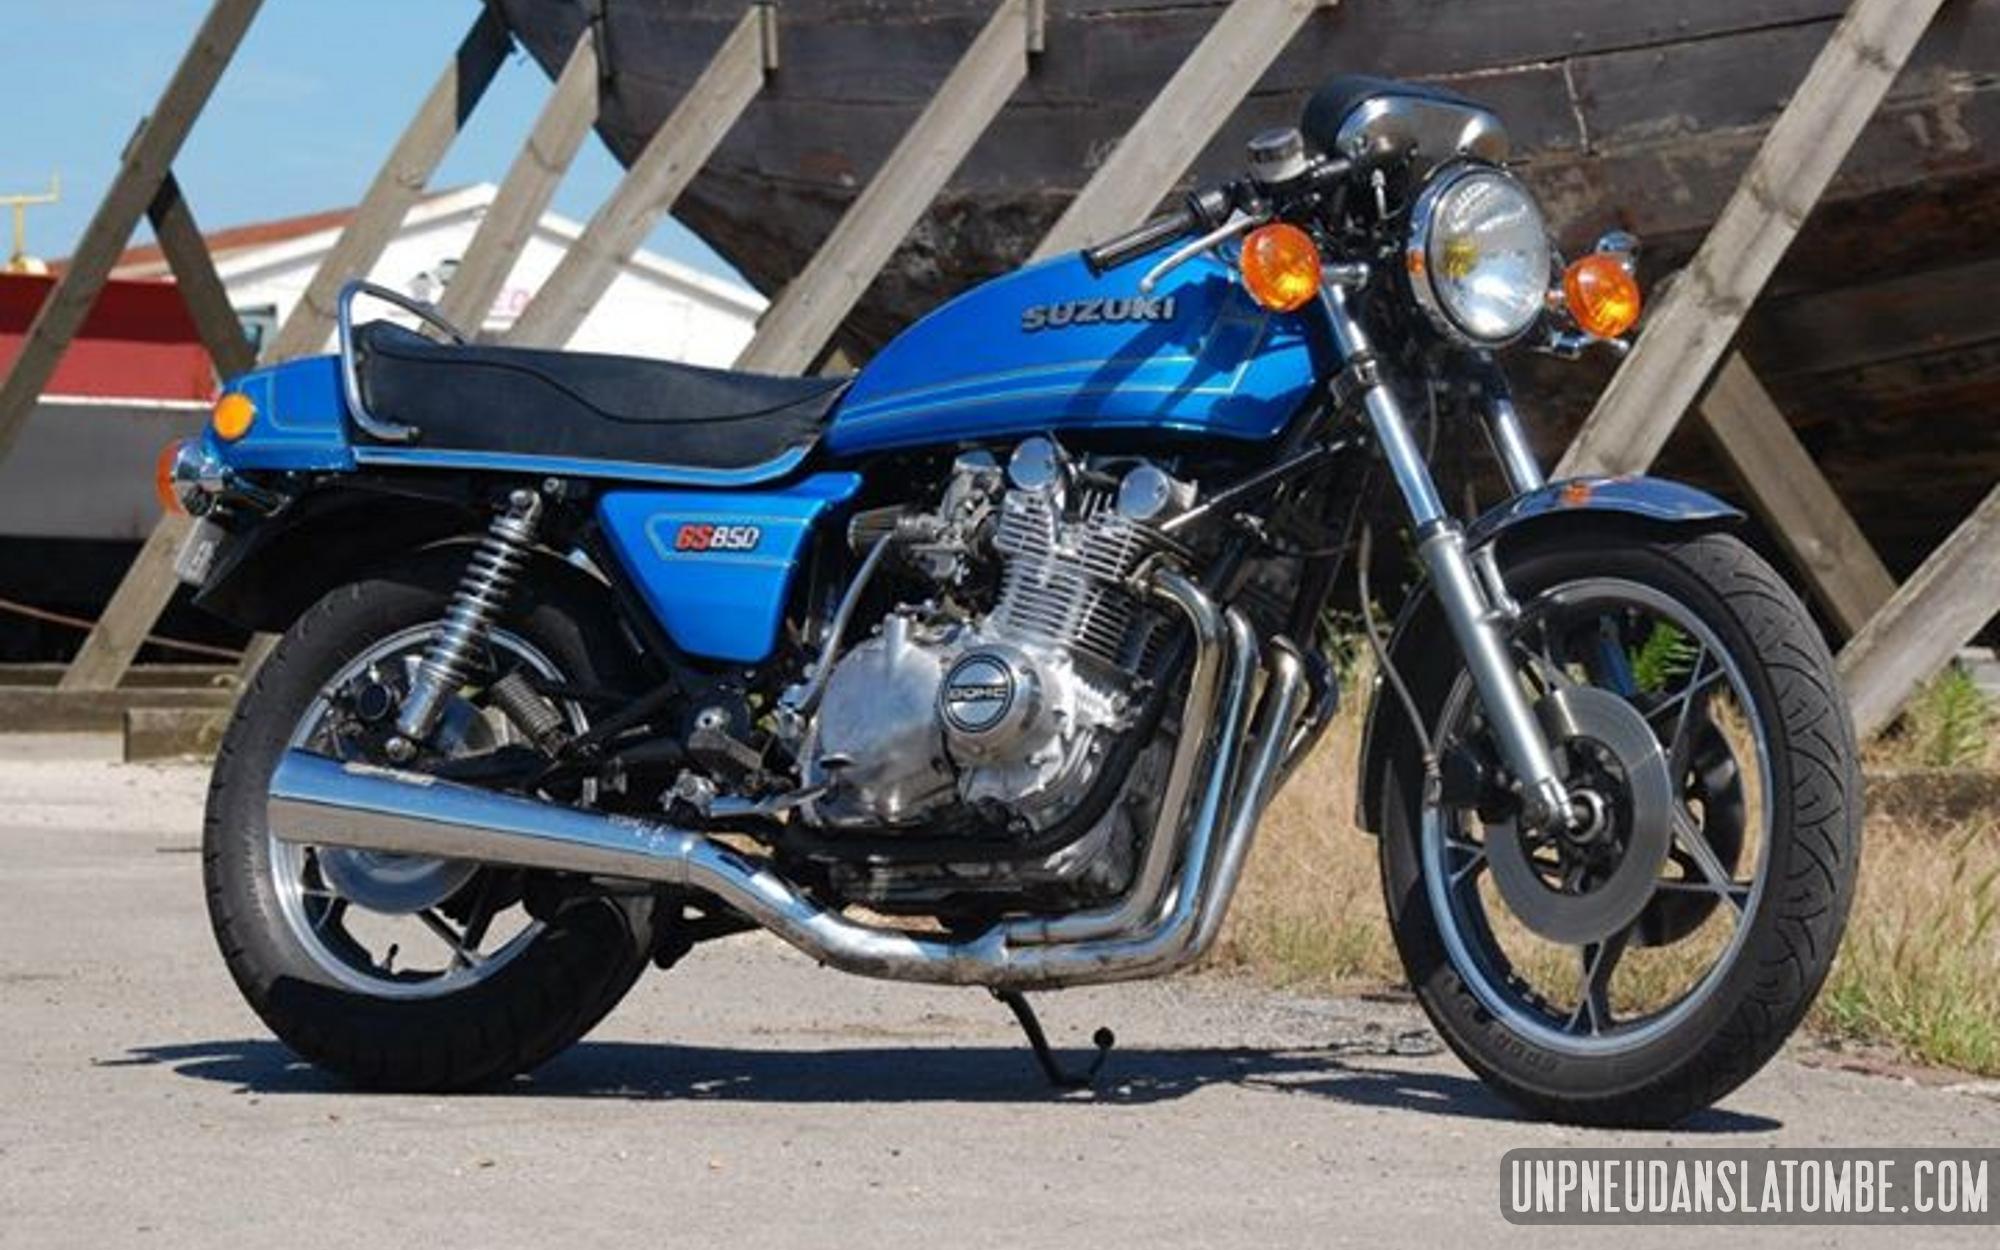 La Suzuki GS 850 de Quentin.